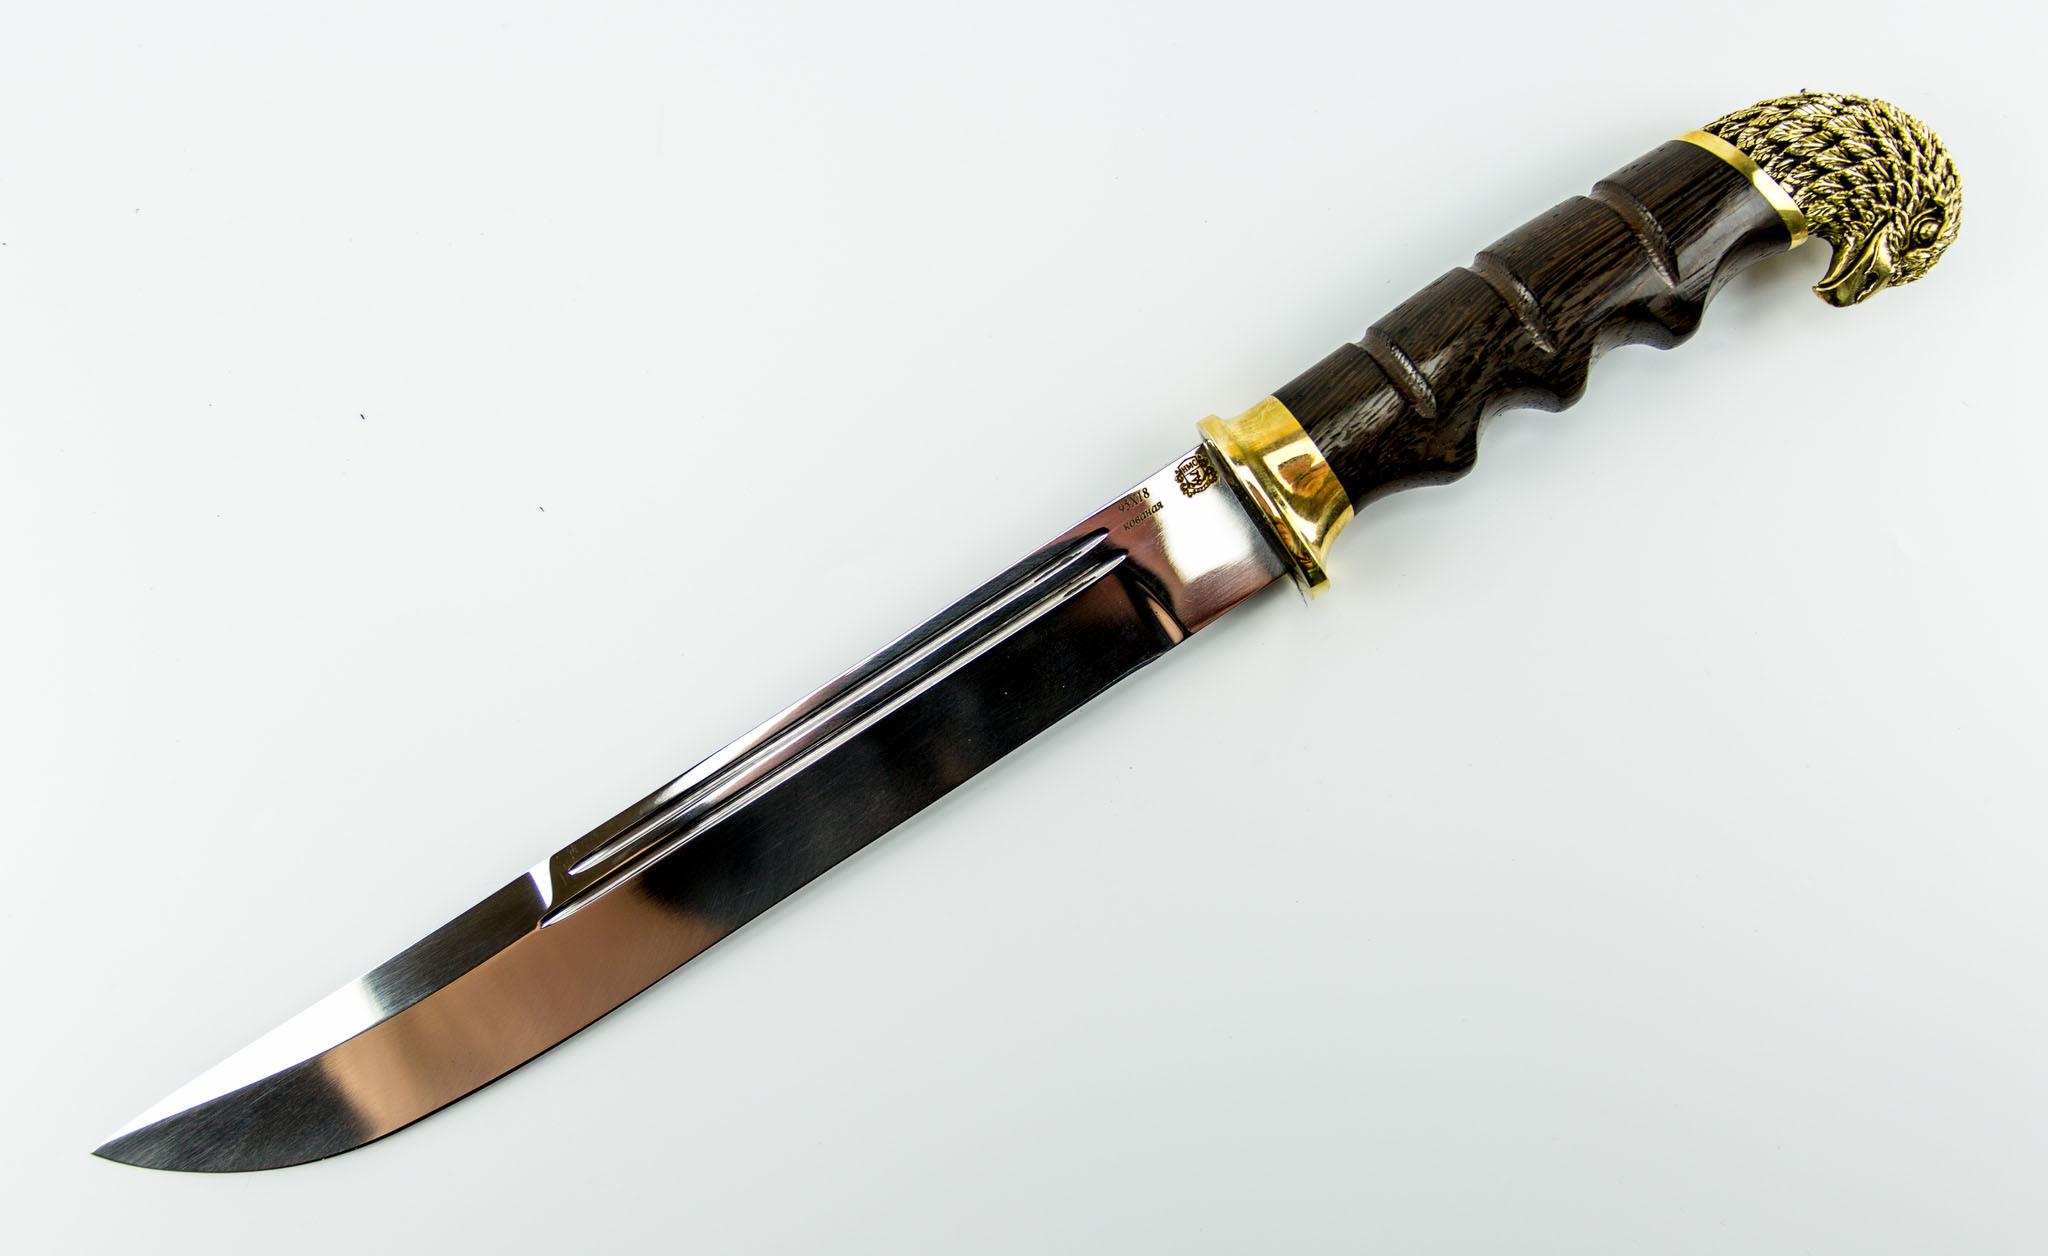 Нож Пластунский Казачий, сталь 95Х18, рукоять венге с головой орла от Мастерская Сковородихина